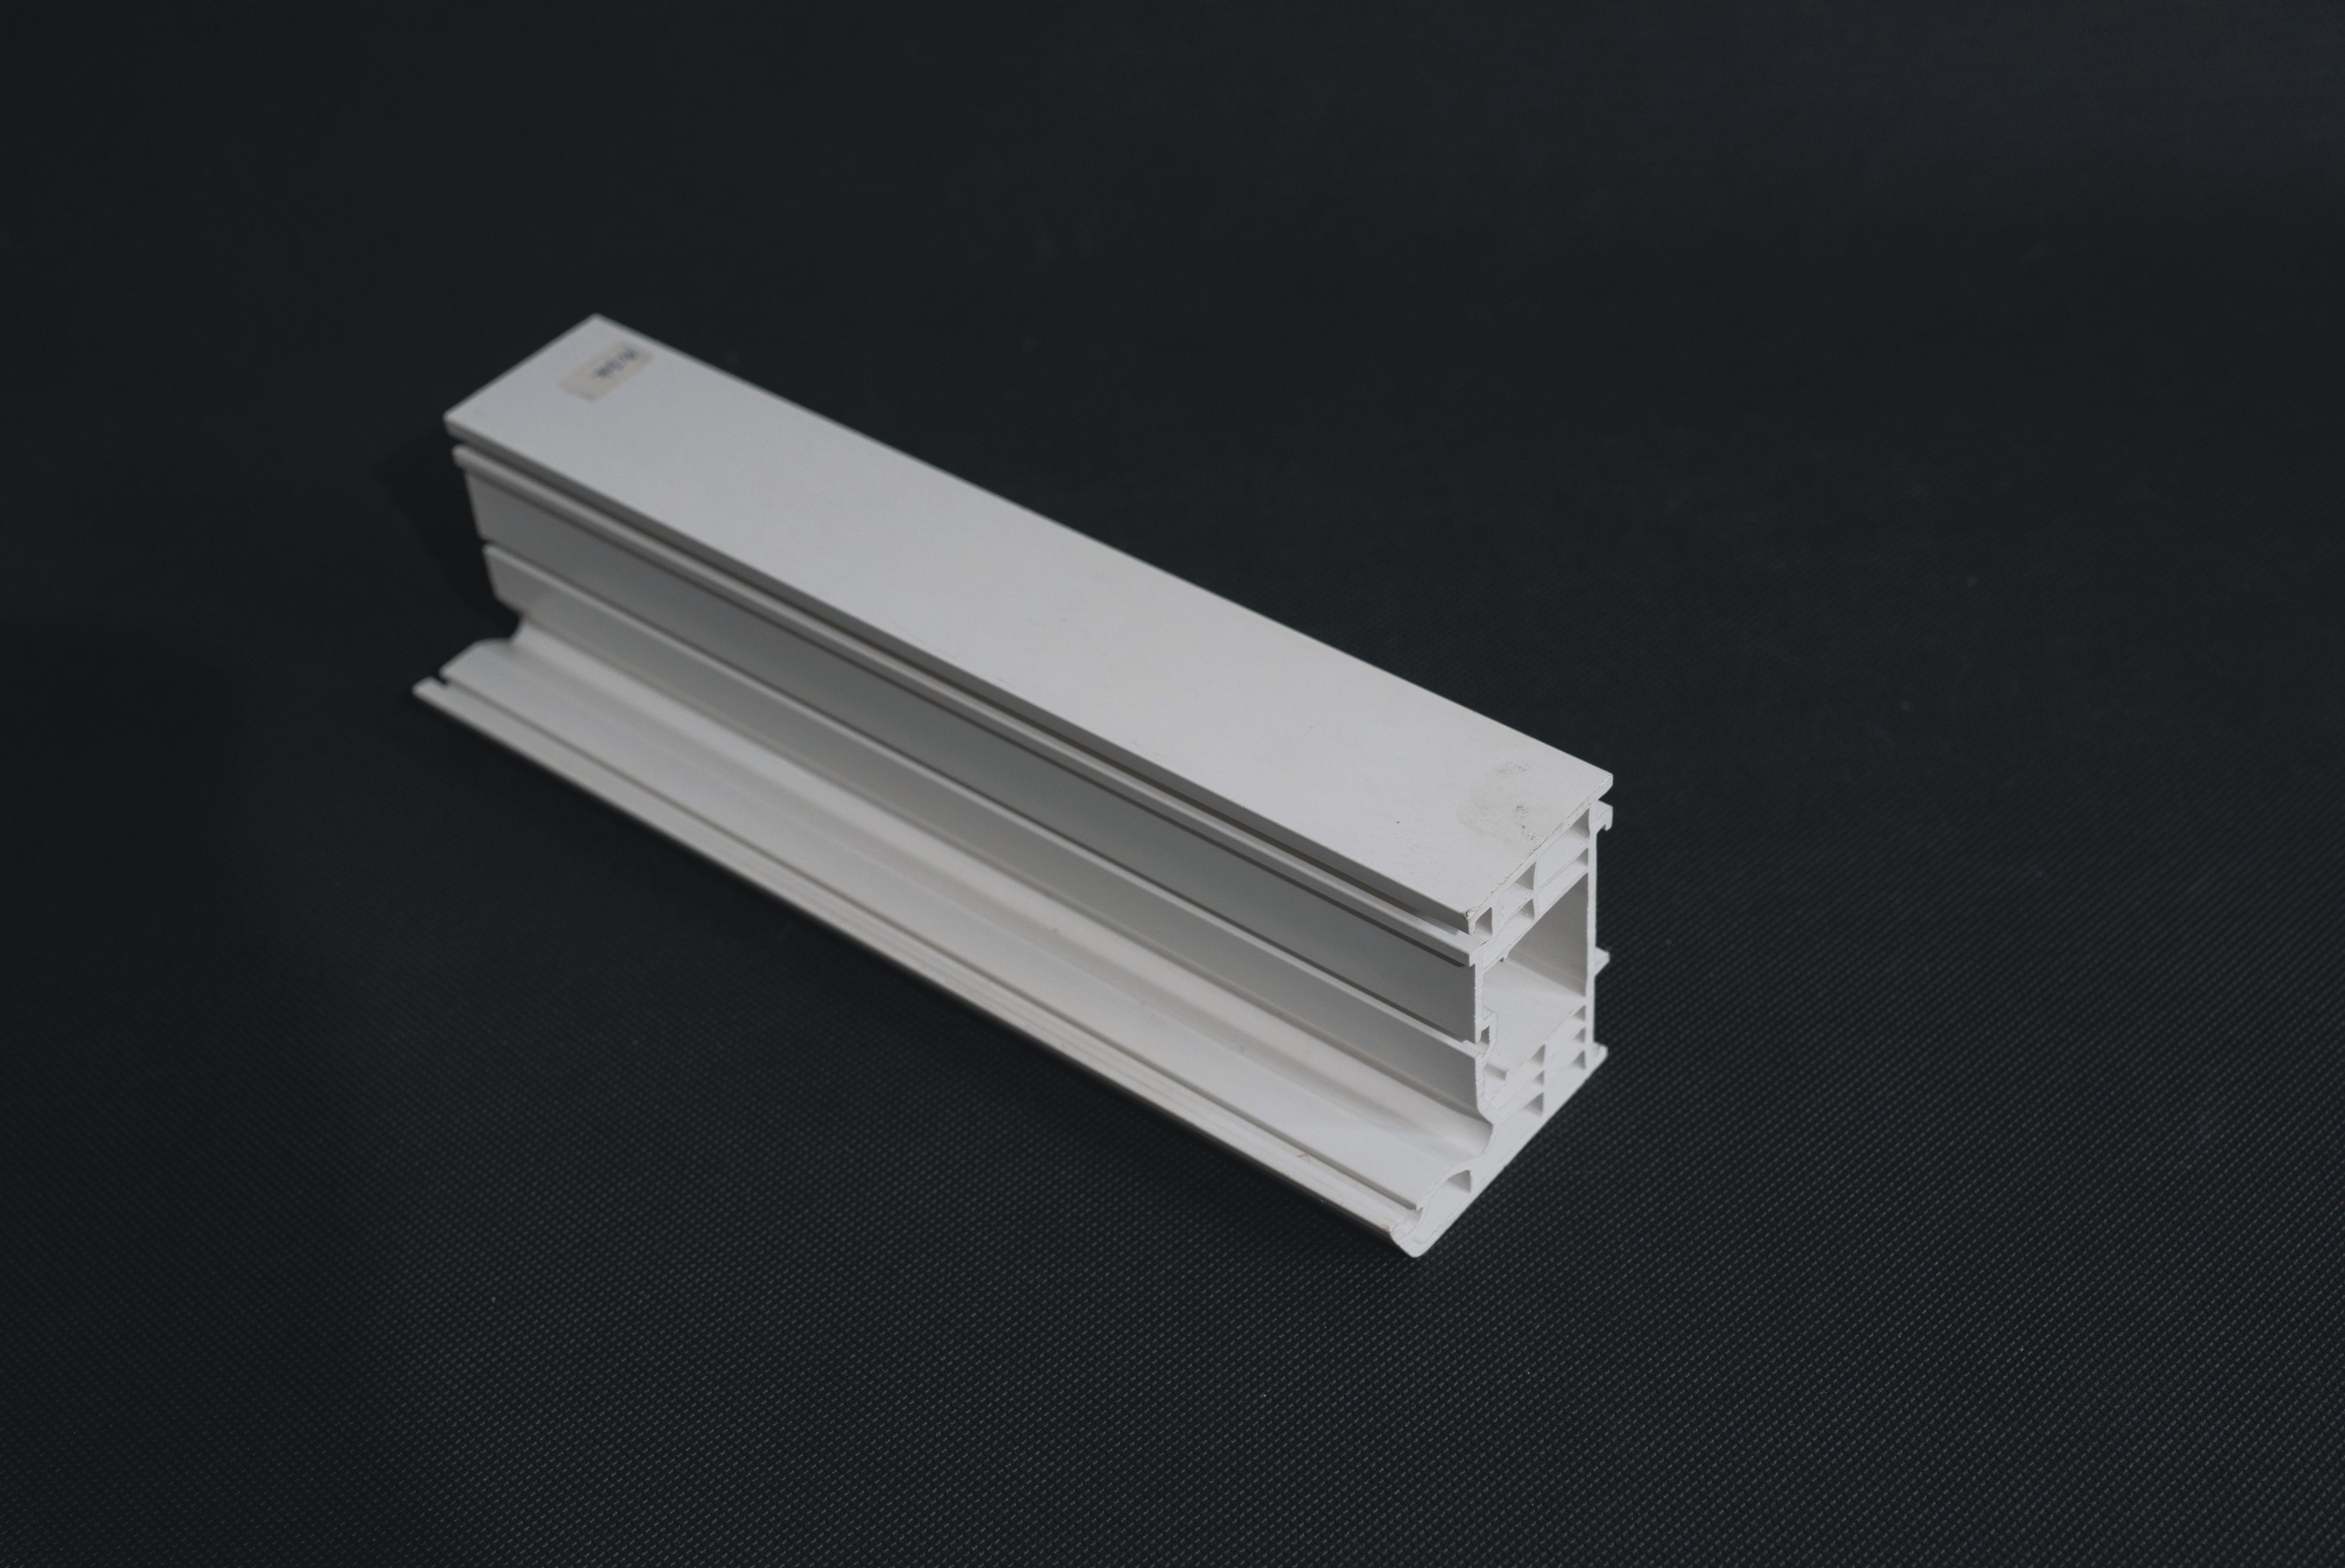 Comparison of cost between PVC floor and solid wood floor